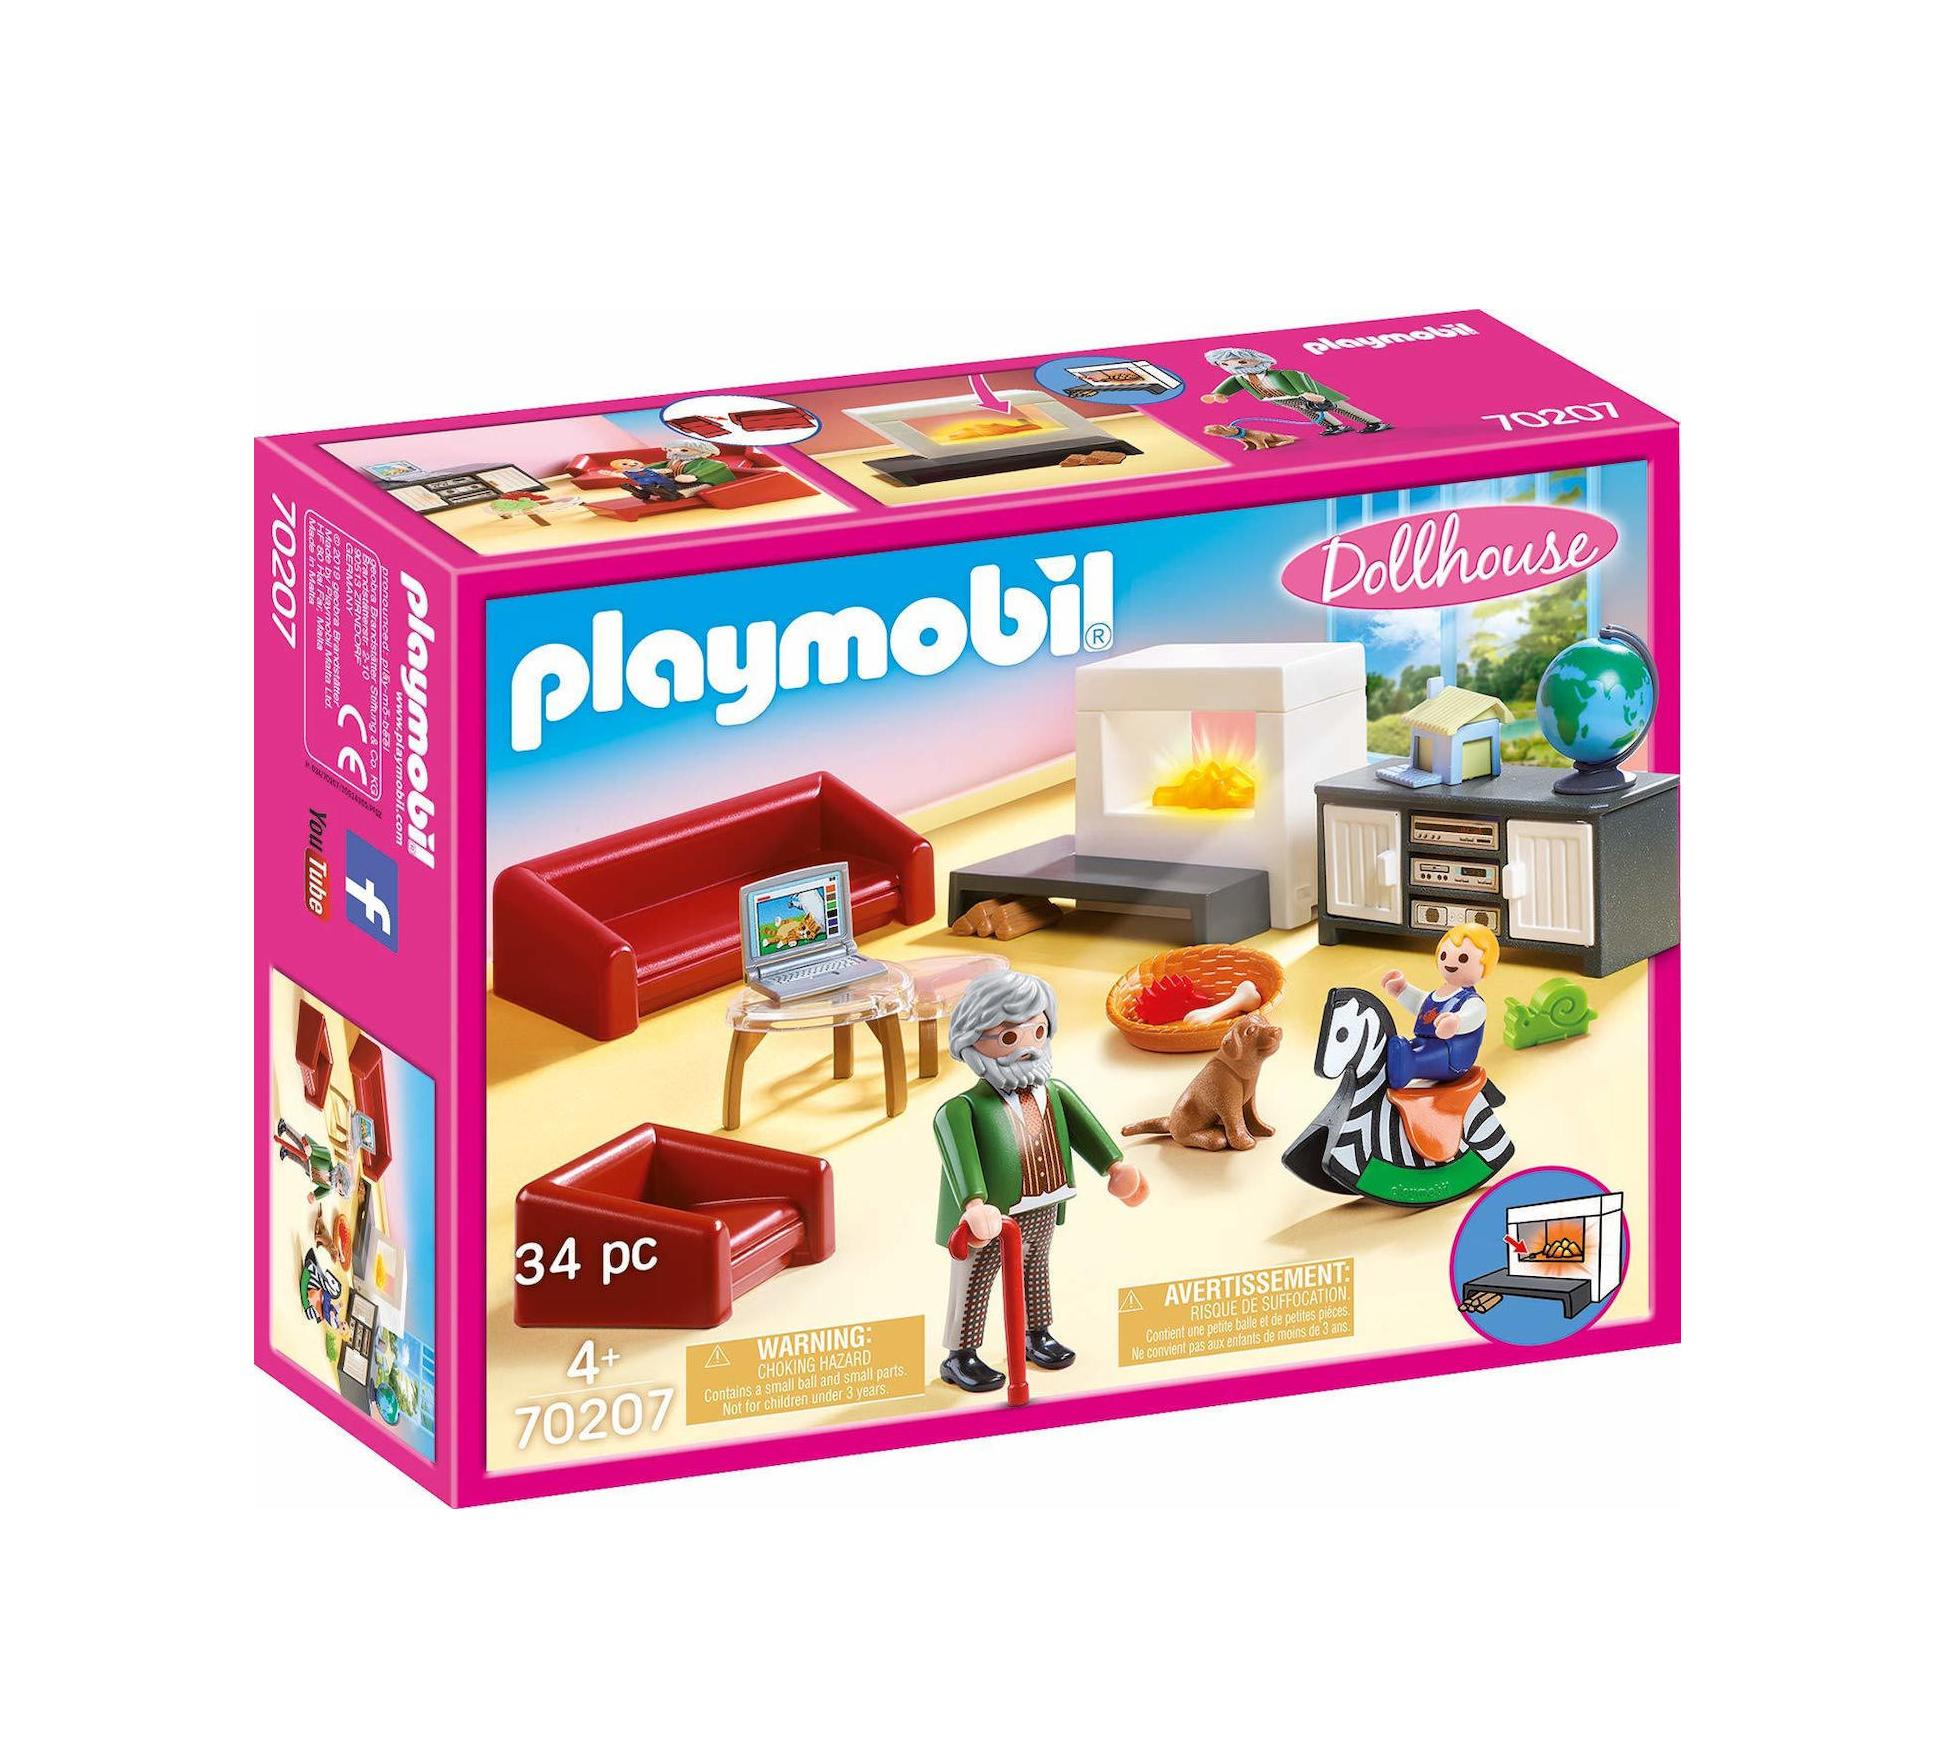 Playmobil Dollhouse: Σαλόνι Κουκλόσπιτου 70207